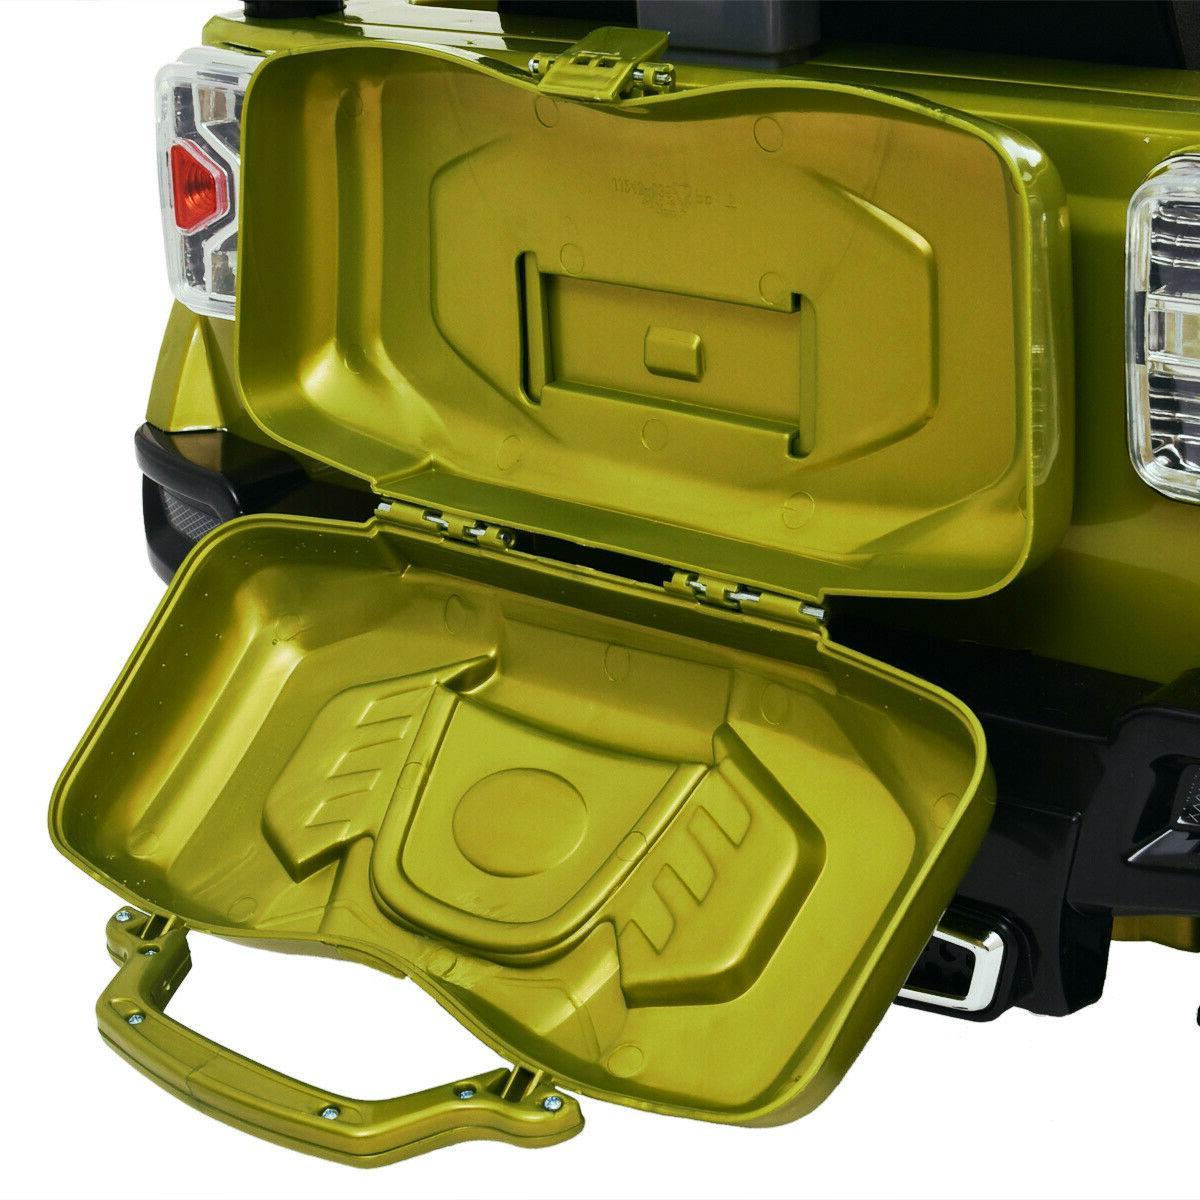 12V RC Power Wheels Truck Kids W/ LED Green